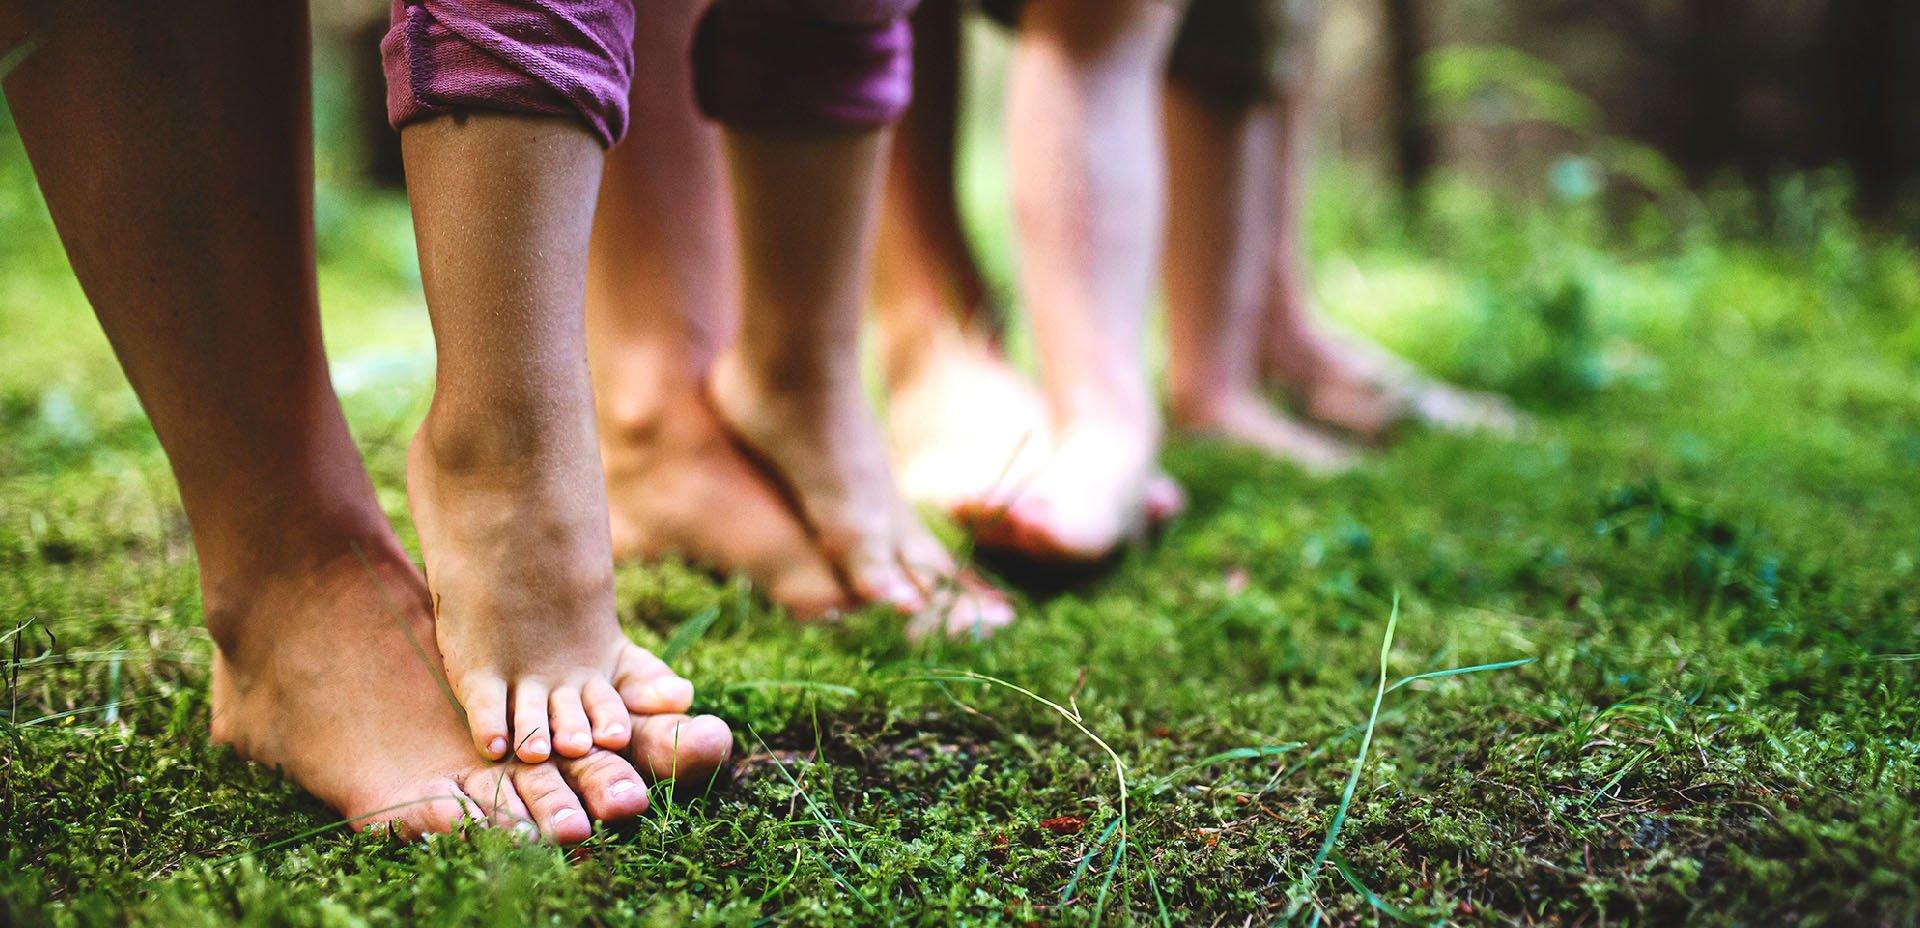 Ridurre le infiammazioni, camminare a piedi nudi